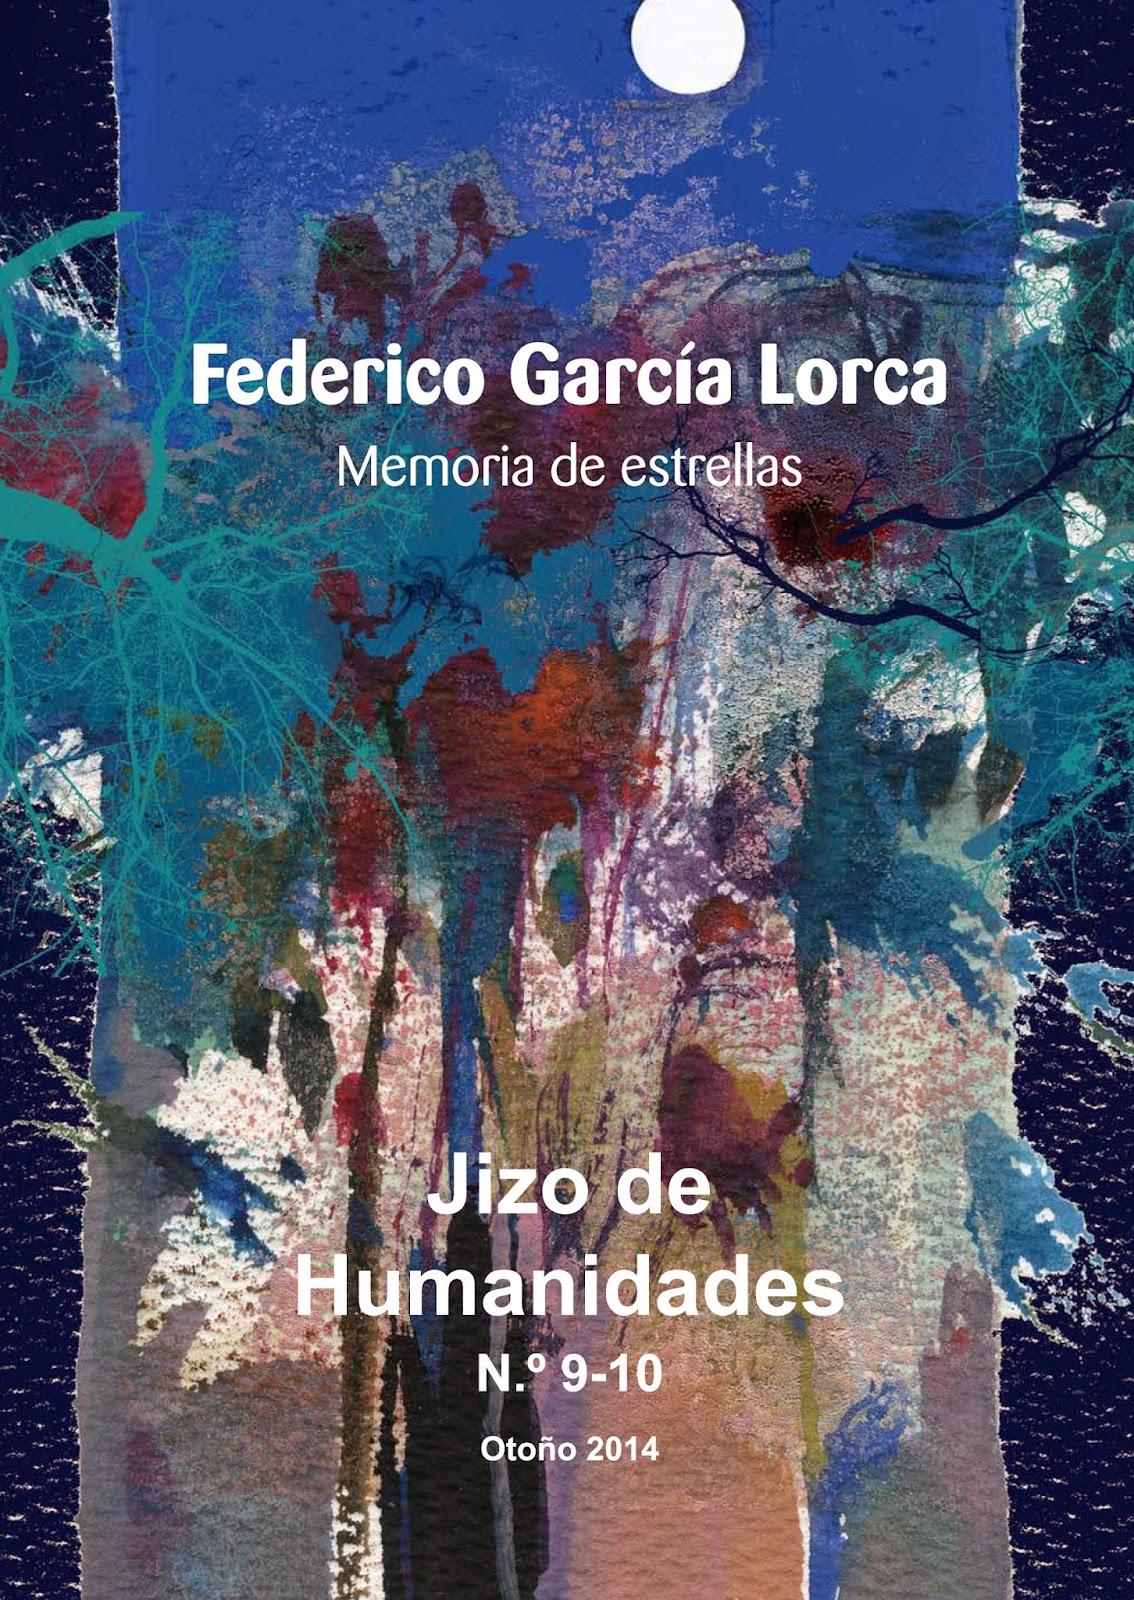 Federico García Lorca, Noche, bosque sonoro de estrellas,Ancile, Noche en blanco de Granada